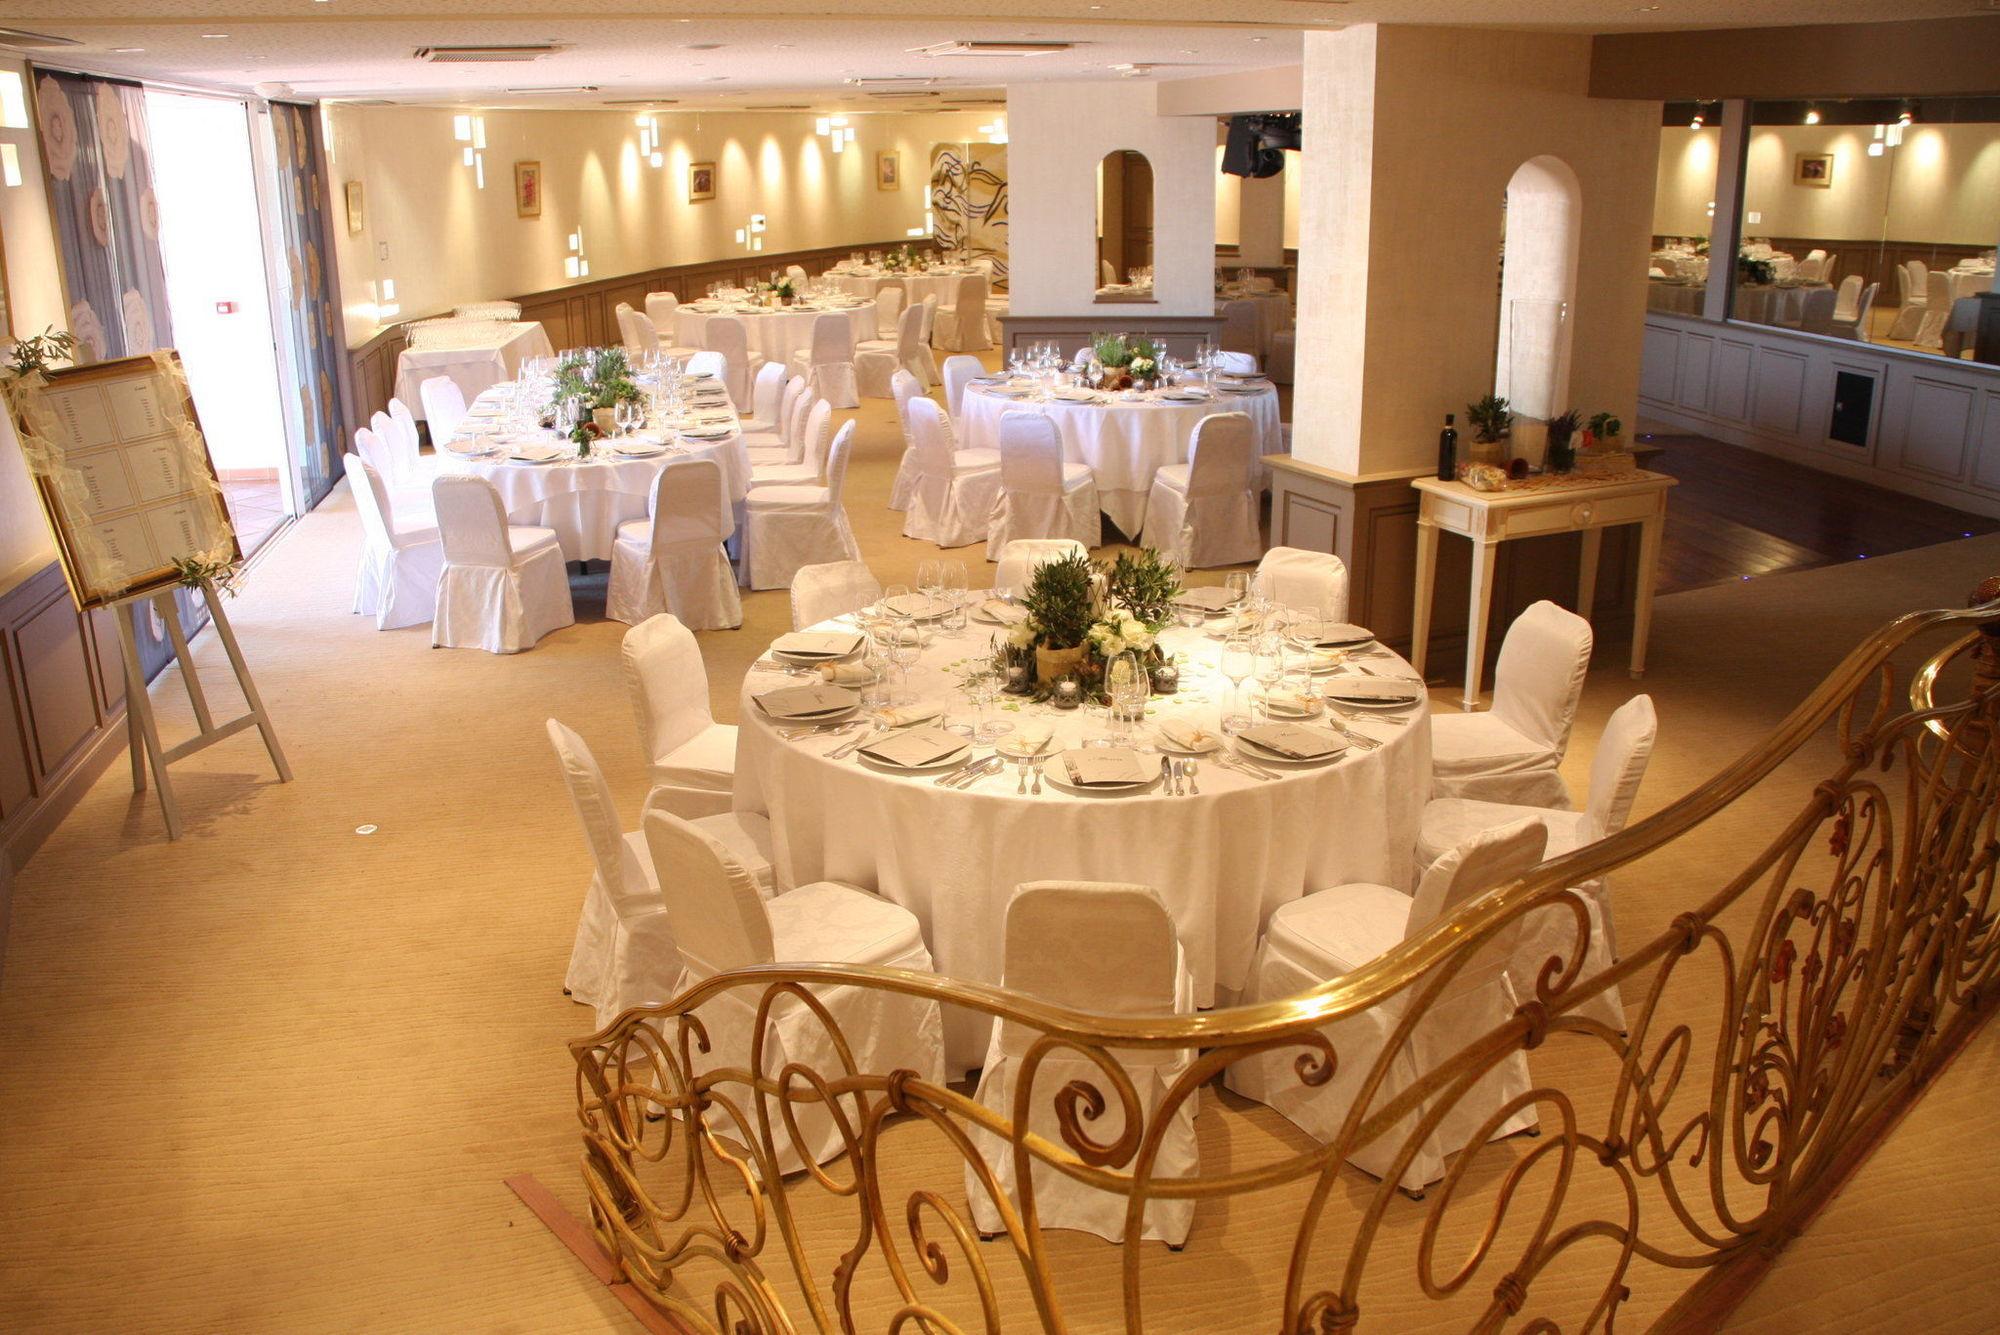 HOTEL CHATEAU DE LA MESSARDIERE, SAINT-TROPEZ, FRENCH RIVIERA *****